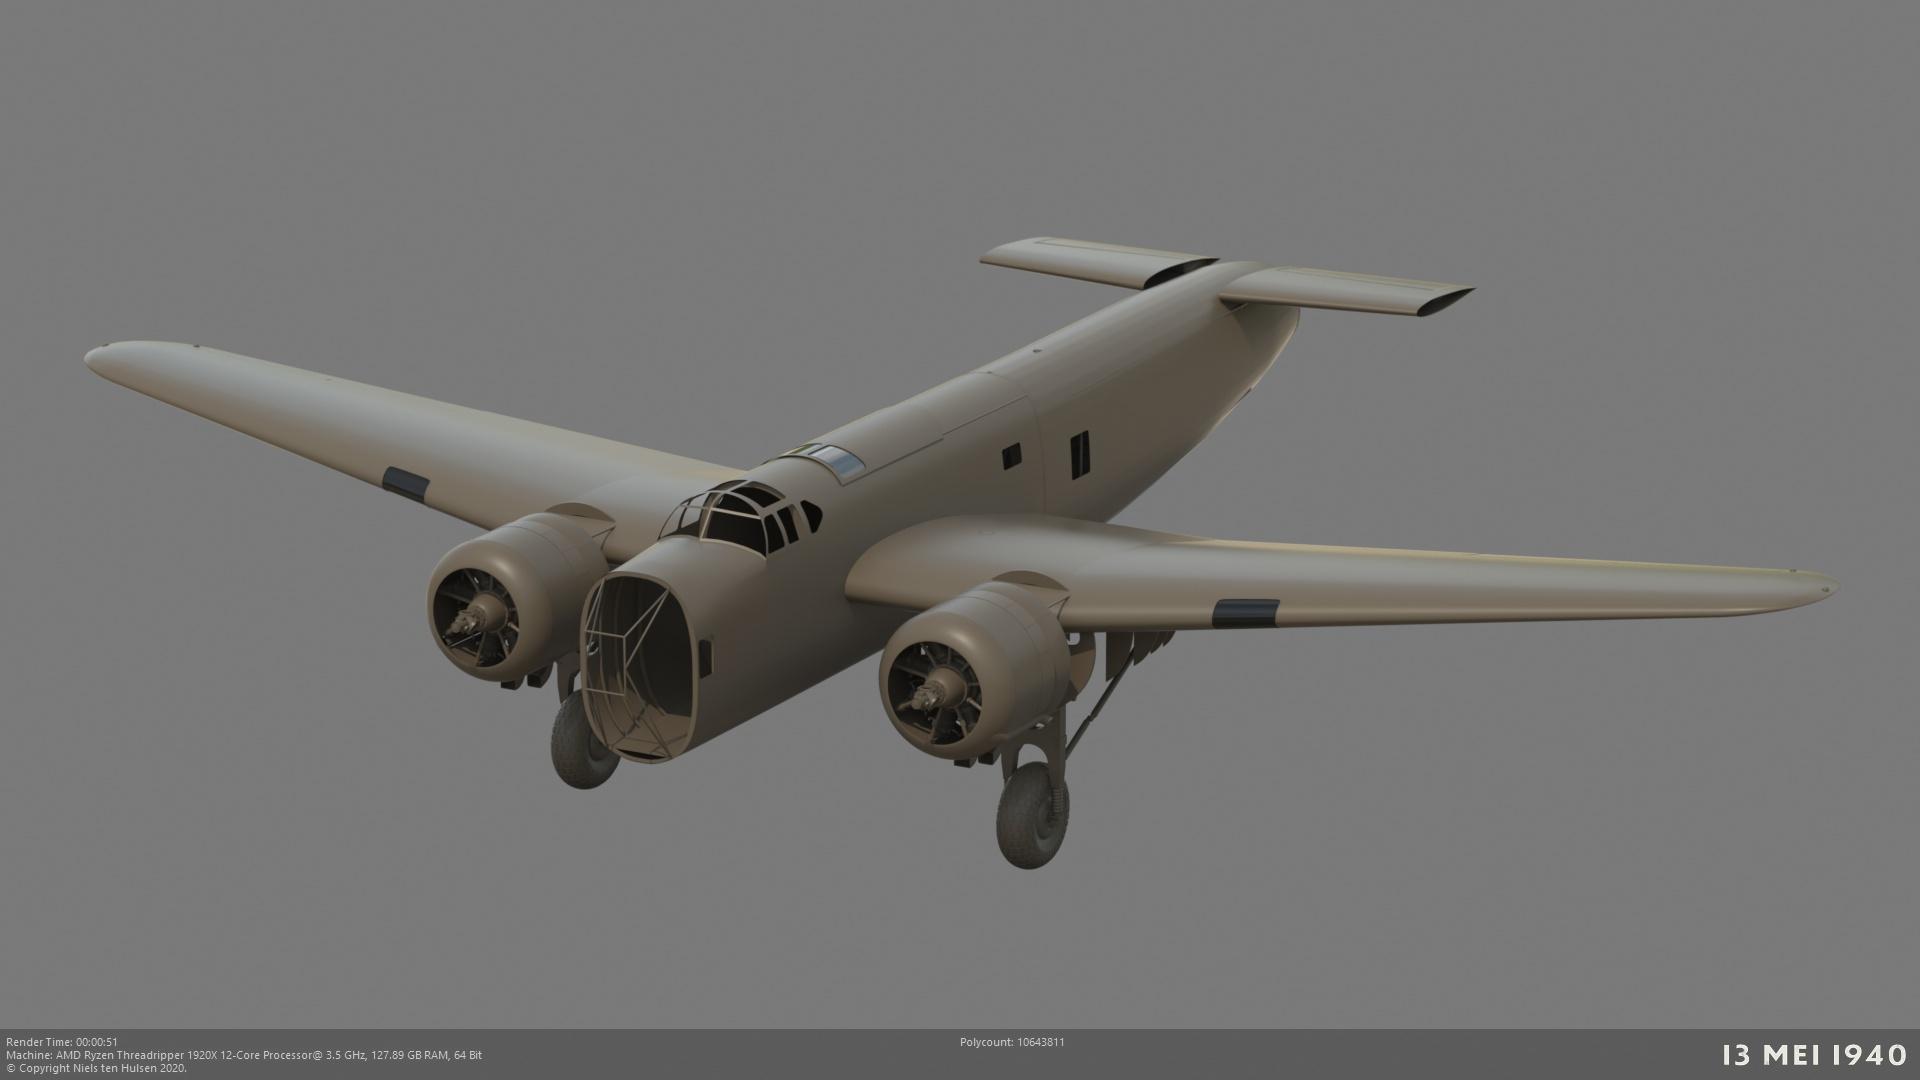 Naam: 001_FokkerT5_motor14.jpg Bekeken: 66 Grootte: 180,9 KB